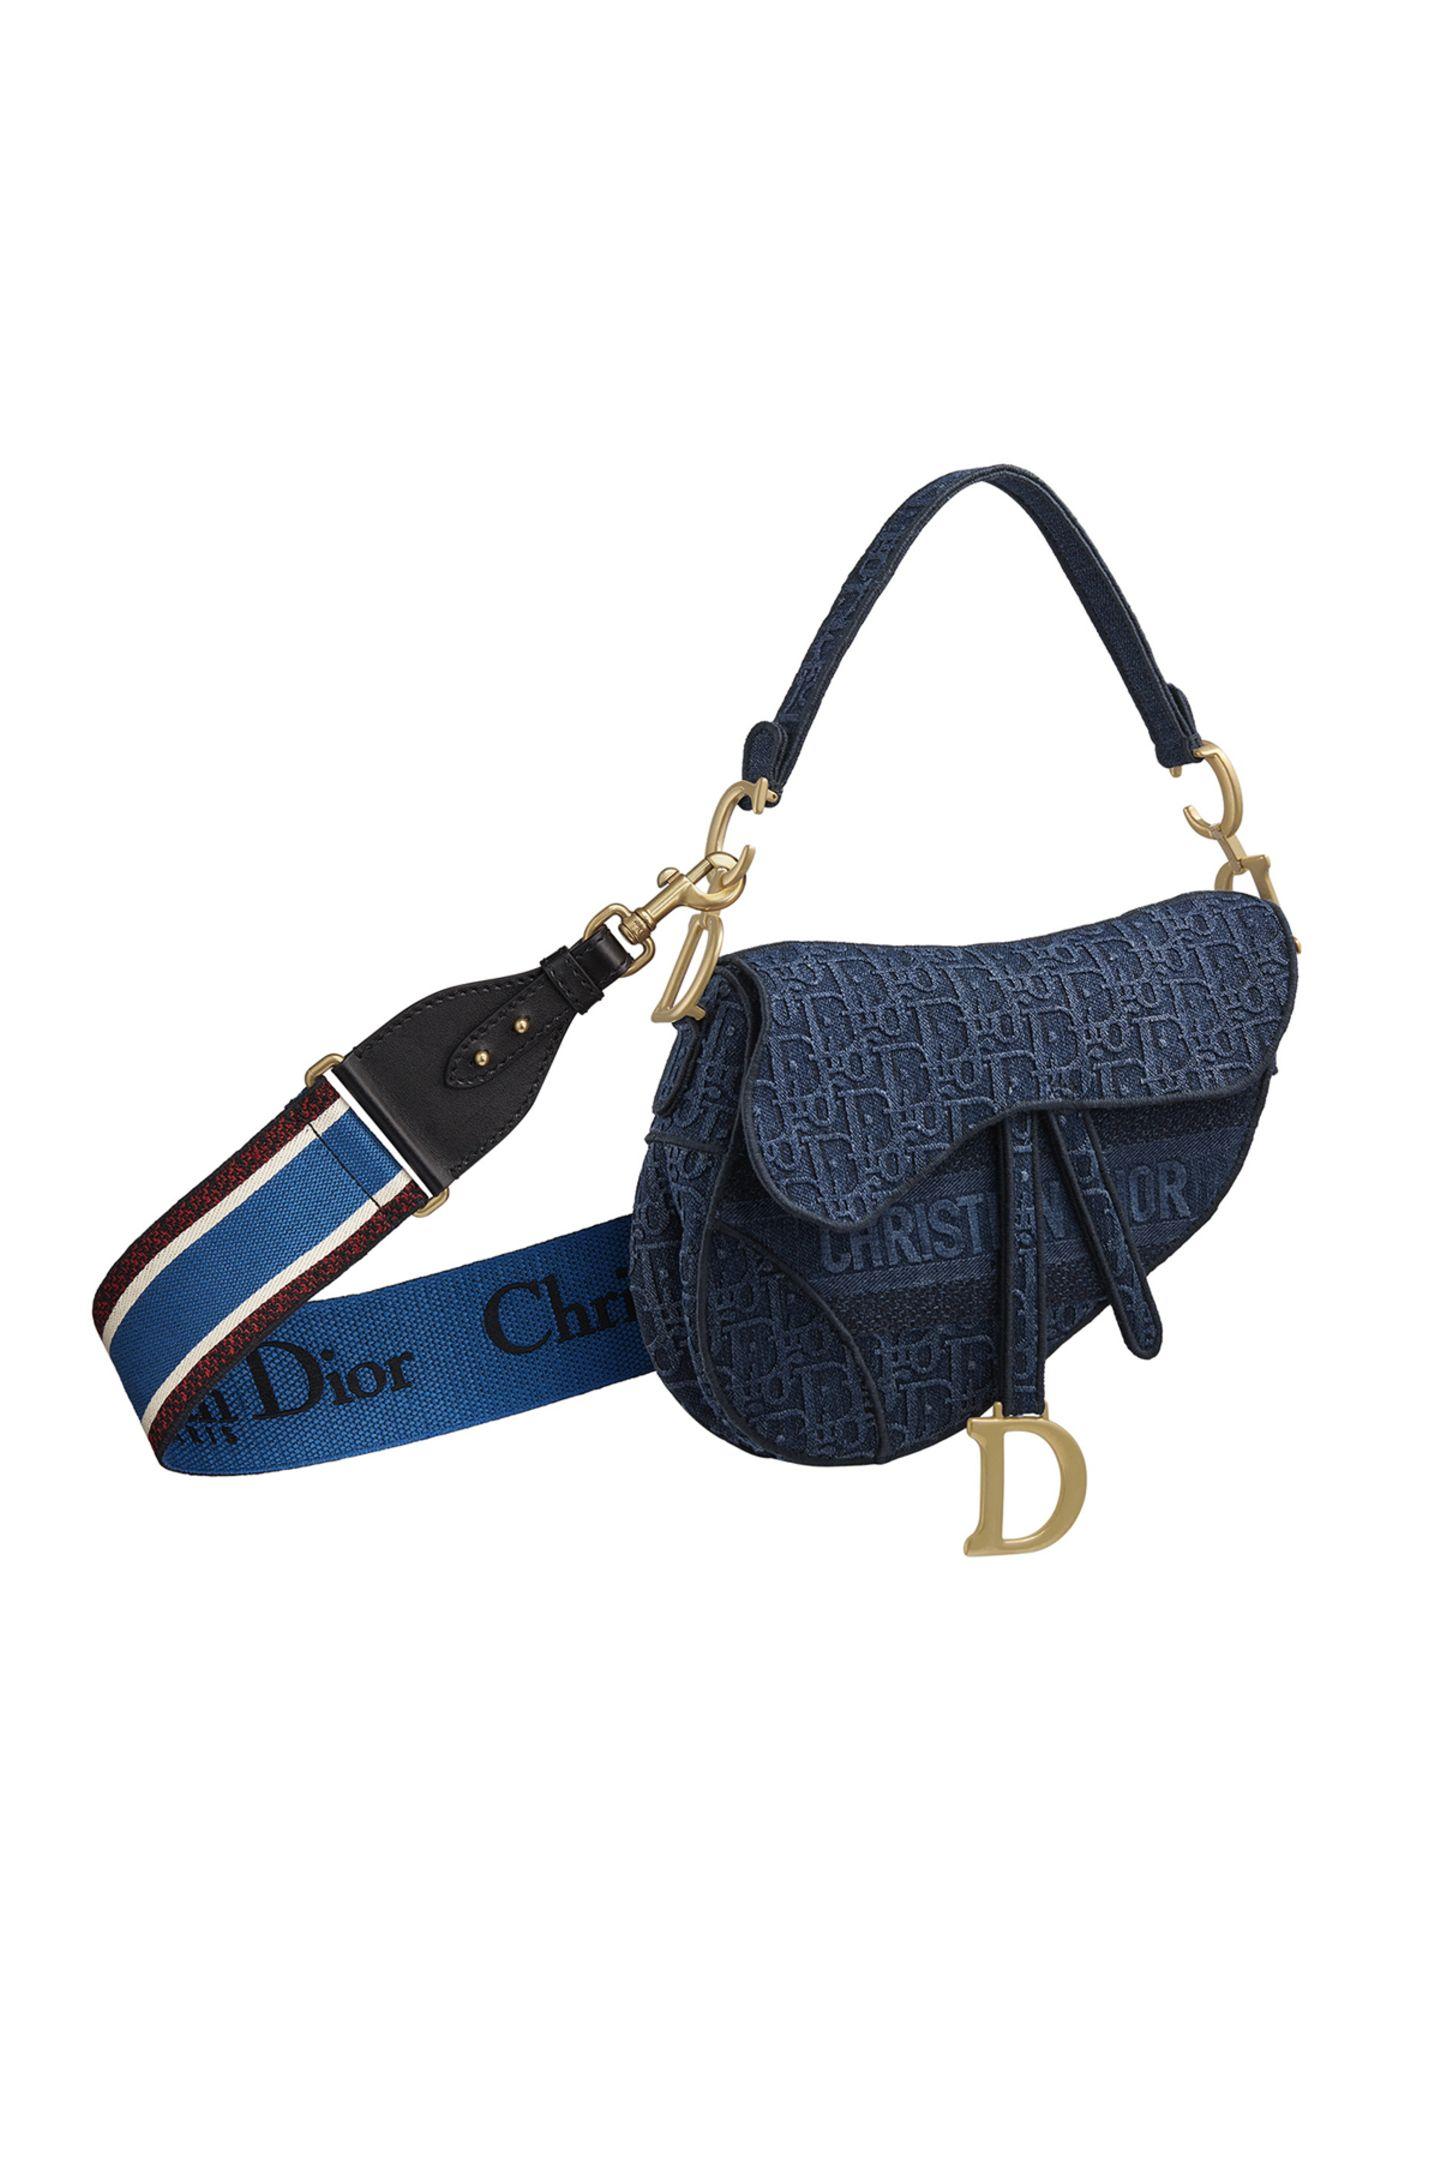 Dior im Denim-Look: Für die Herbst-Winter-Kollektion erstrahlt die vom Reitsport inspirierte Dior Saddle Bag in einer bestickten Denim-Version im Dior Oblique Muster, welches bereits 1967 von Marc Bohan entworfen wurde. Ca. 2.900 Euro.